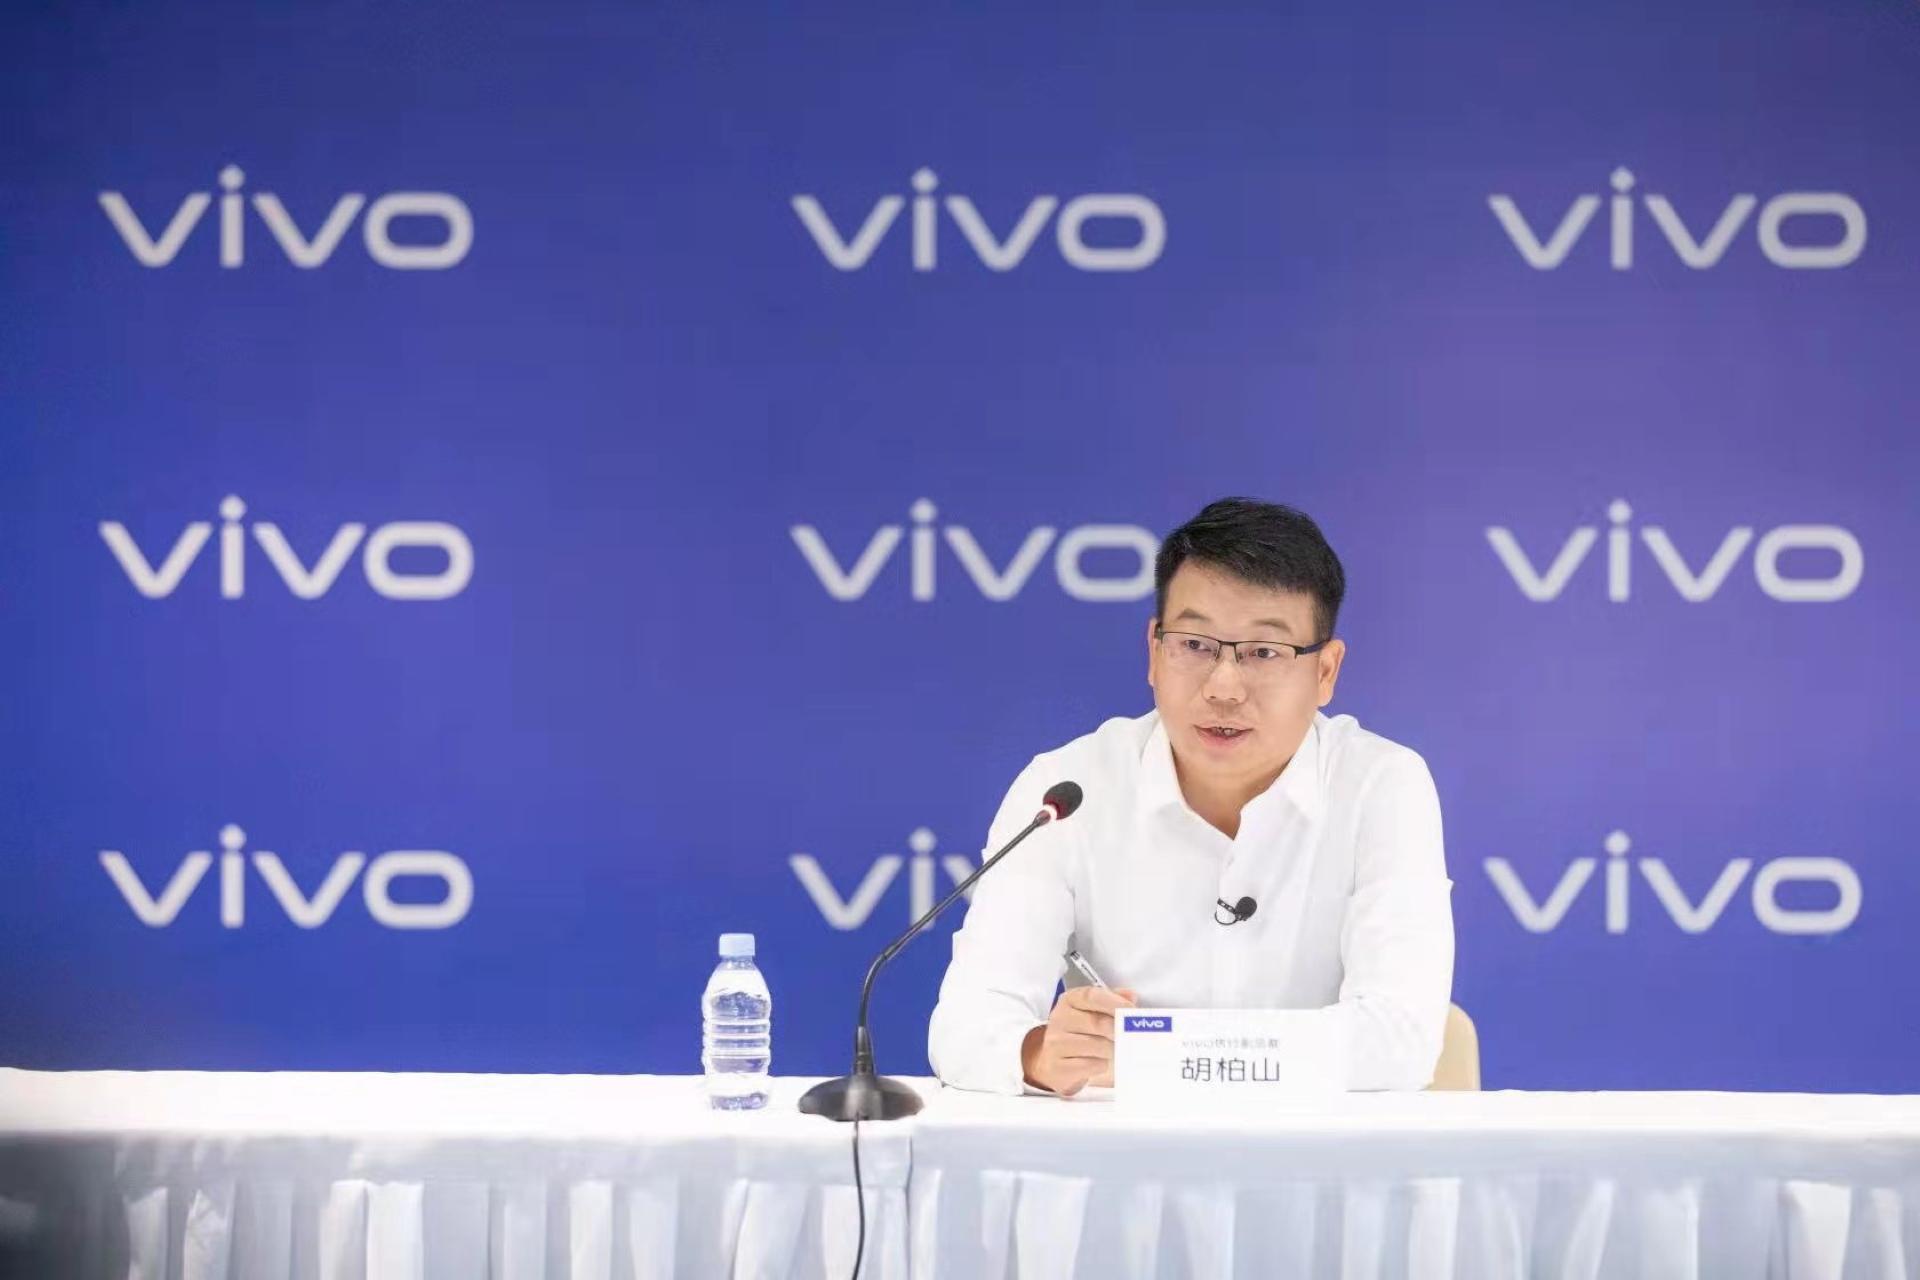 Vivo Imaging Chip V1 Hu Baishan